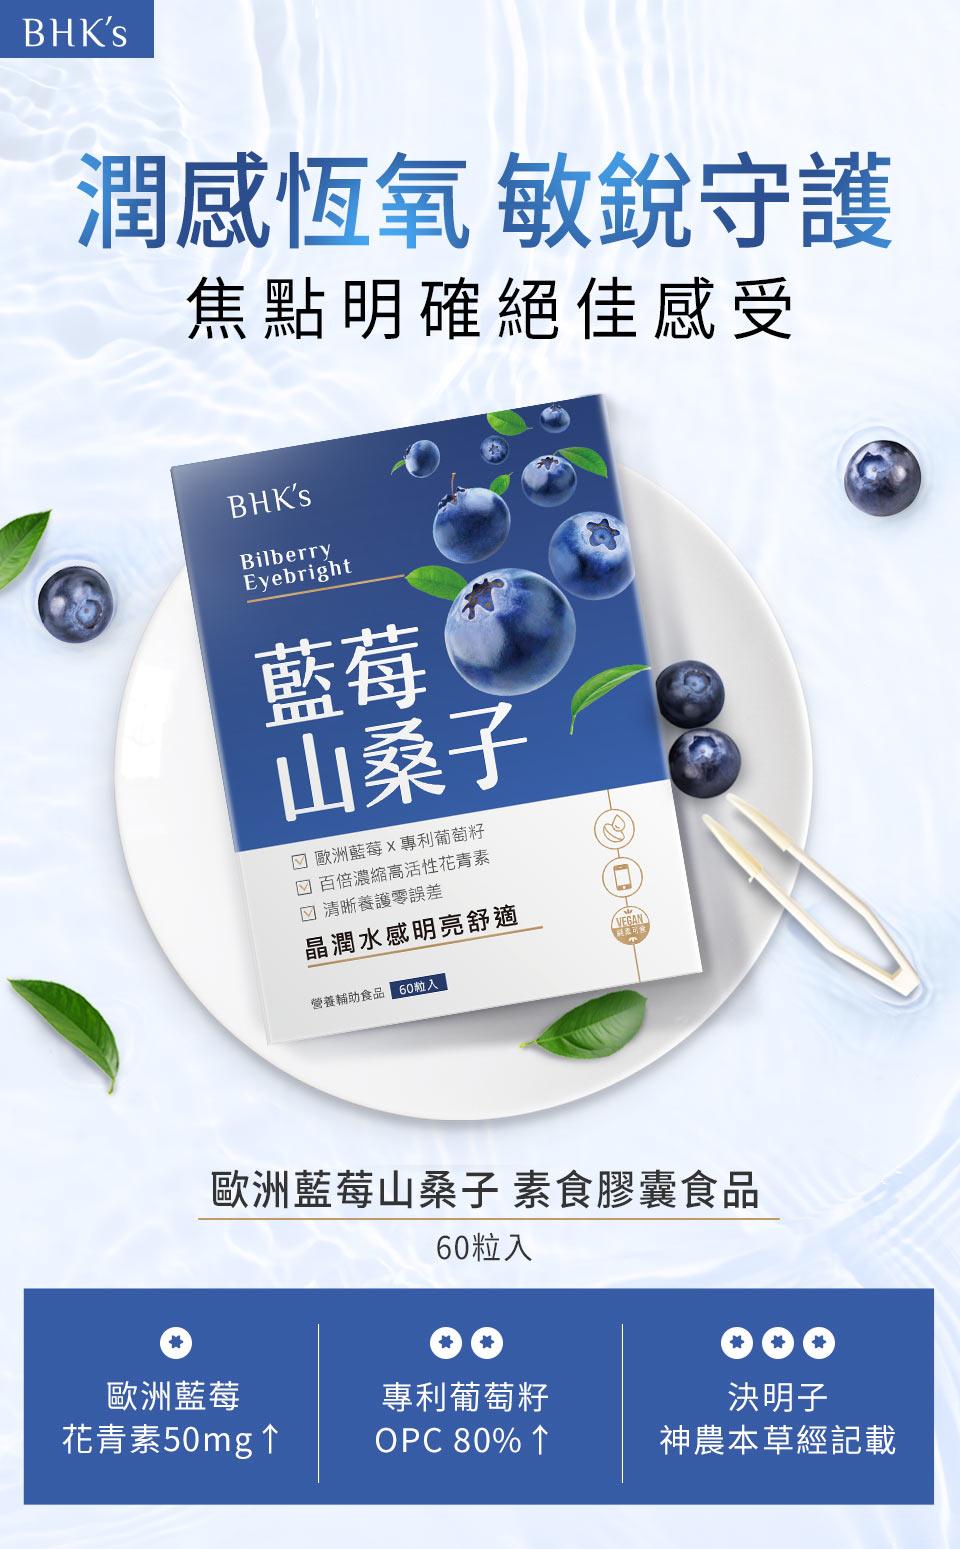 BHK's藍莓山桑子,為市售最高花青素與原花青素含量,針對長期配戴隱形眼鏡,以及有眼睛乾澀問題的人調配,提升眼睛含水量及含氧量,降低眼壓,維持視線水潤清晰最佳選擇。